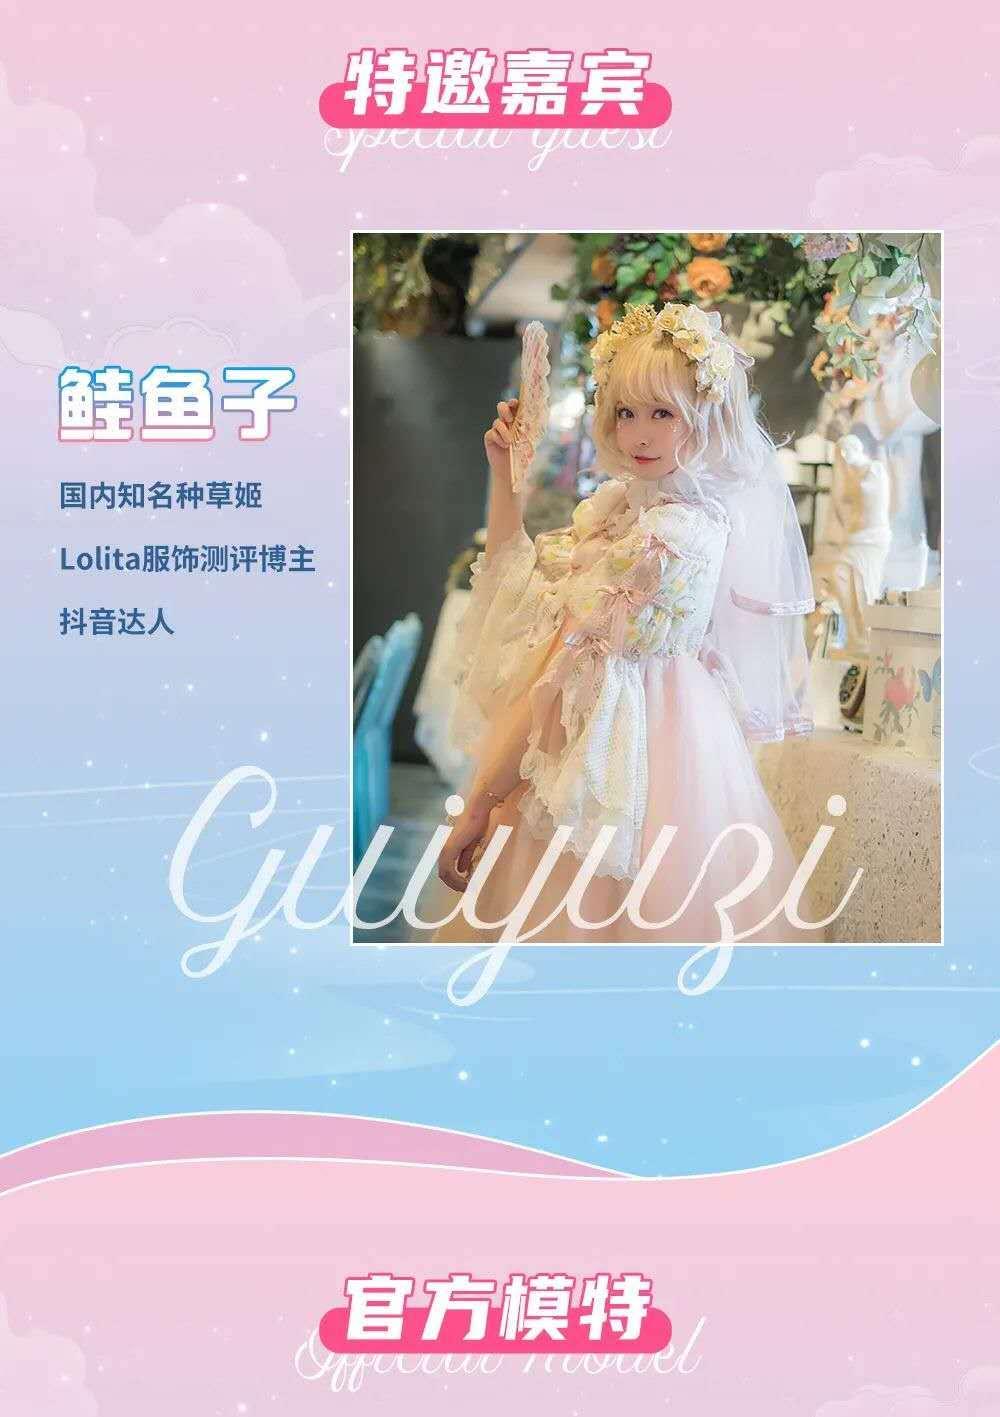 首届触漫嘉年华大咖嘉宾云集 12月5-6日上海展览中心